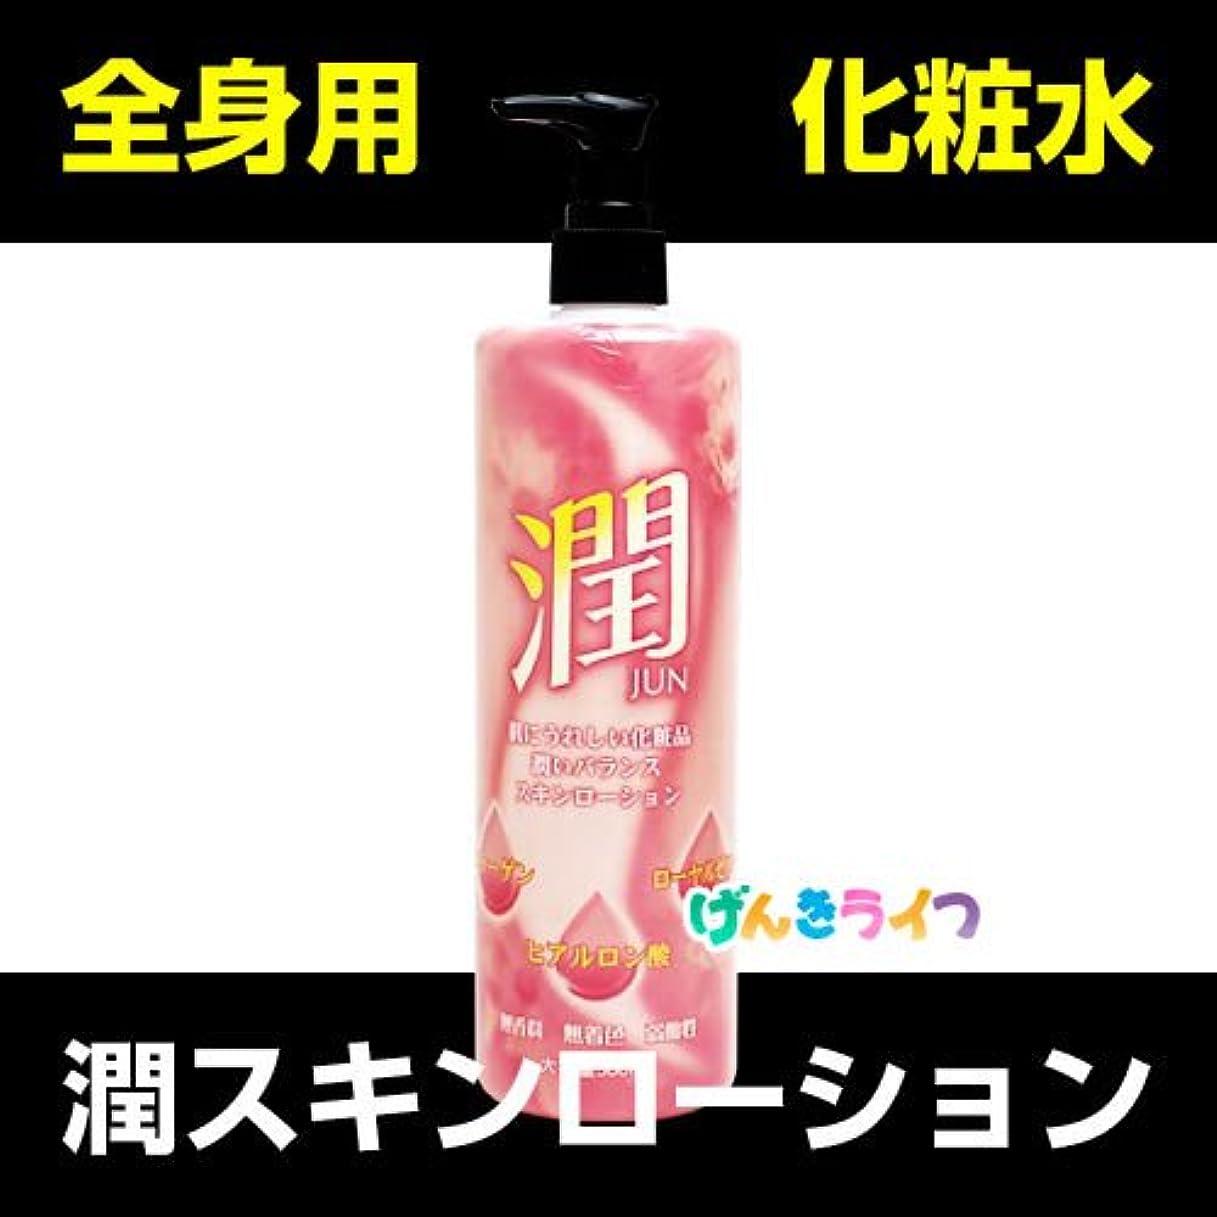 ピラミッドセール会員潤スキンローション(全身用化粧水)【2個】